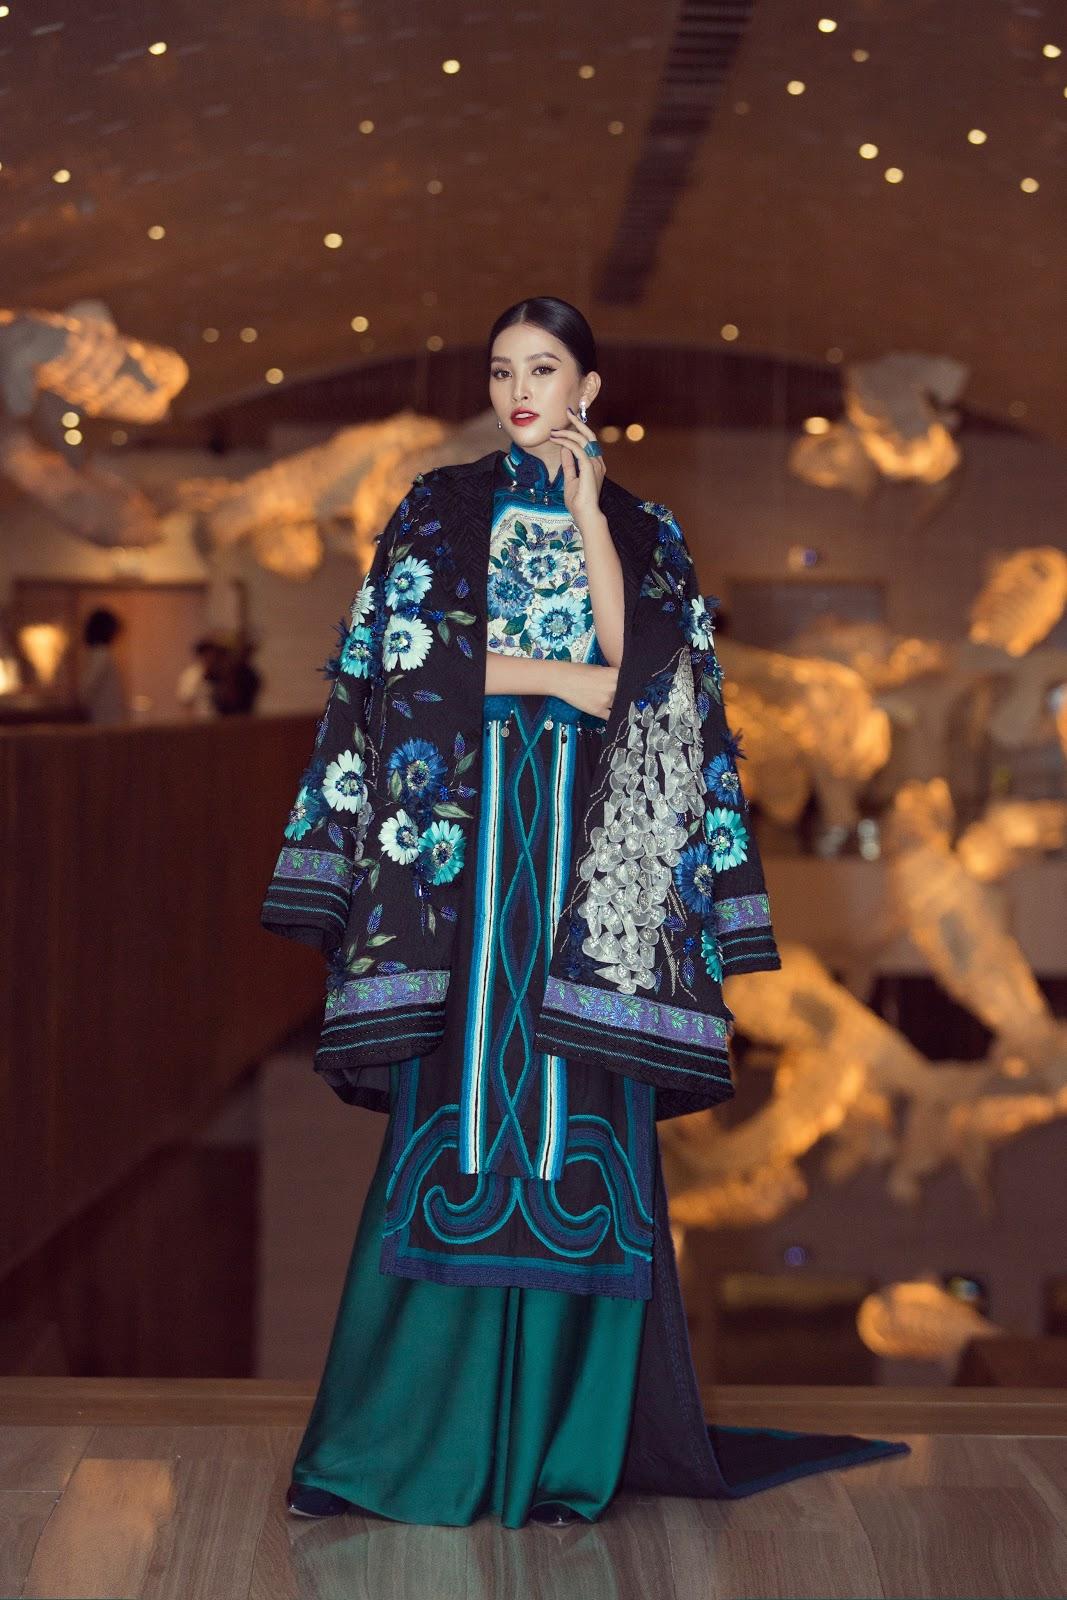 Hoa hậu Tiểu Vy khoe vẻ đẹp truyền thống giữa rừng hoa showbiz - Hình 5